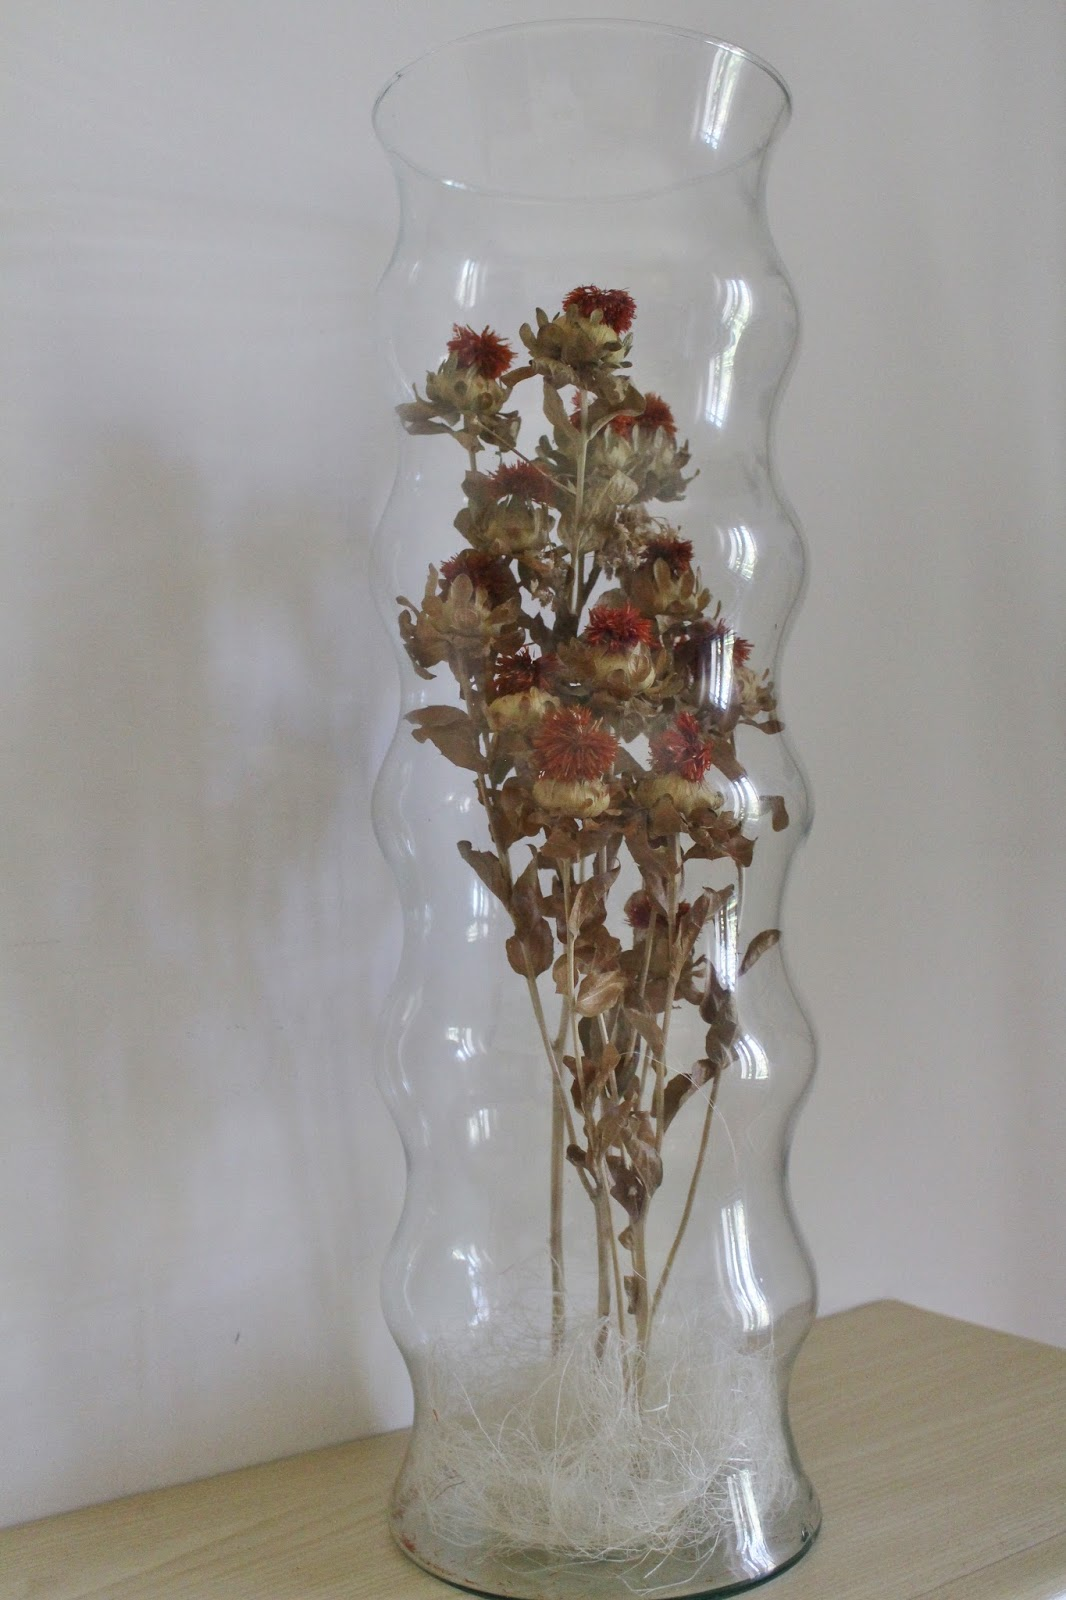 Favorito LA GRANJA DI ADRIANA: fiori secchi in vasi di vetro LG89